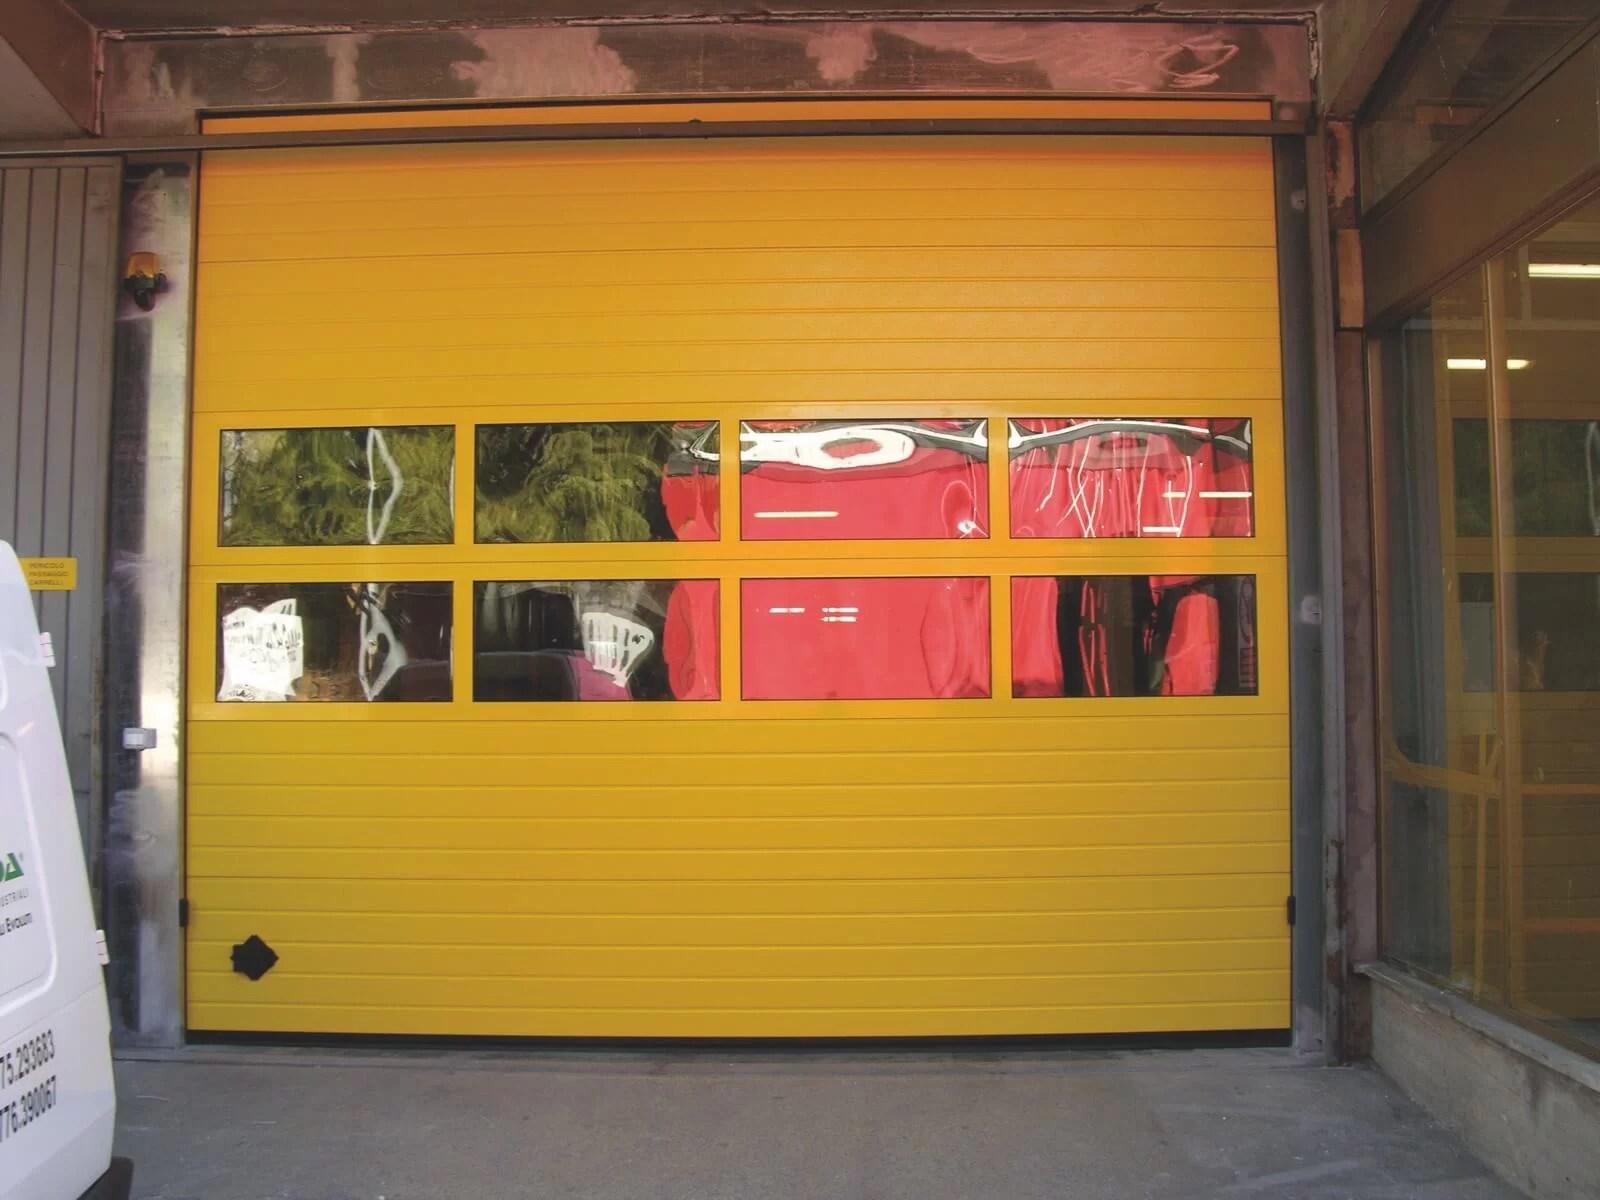 Portone sezionale industriale SECURA - Stucco giallo RAL Visa